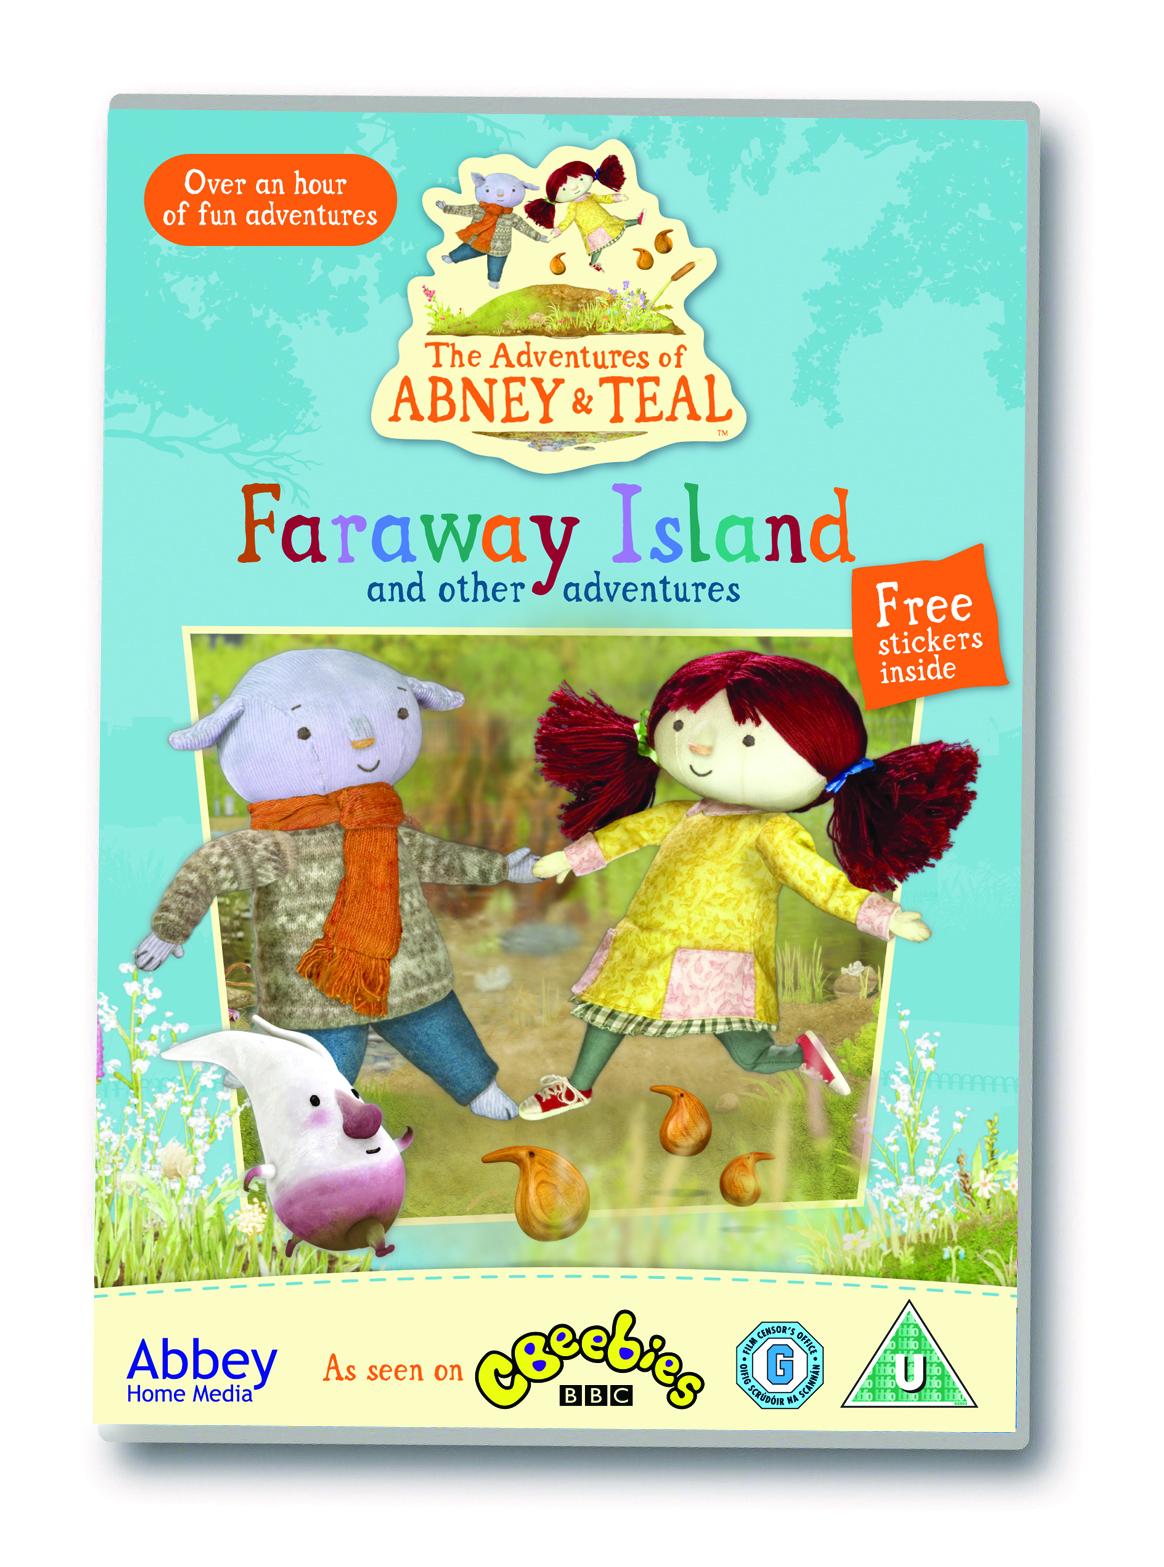 Abney&Teal DVD